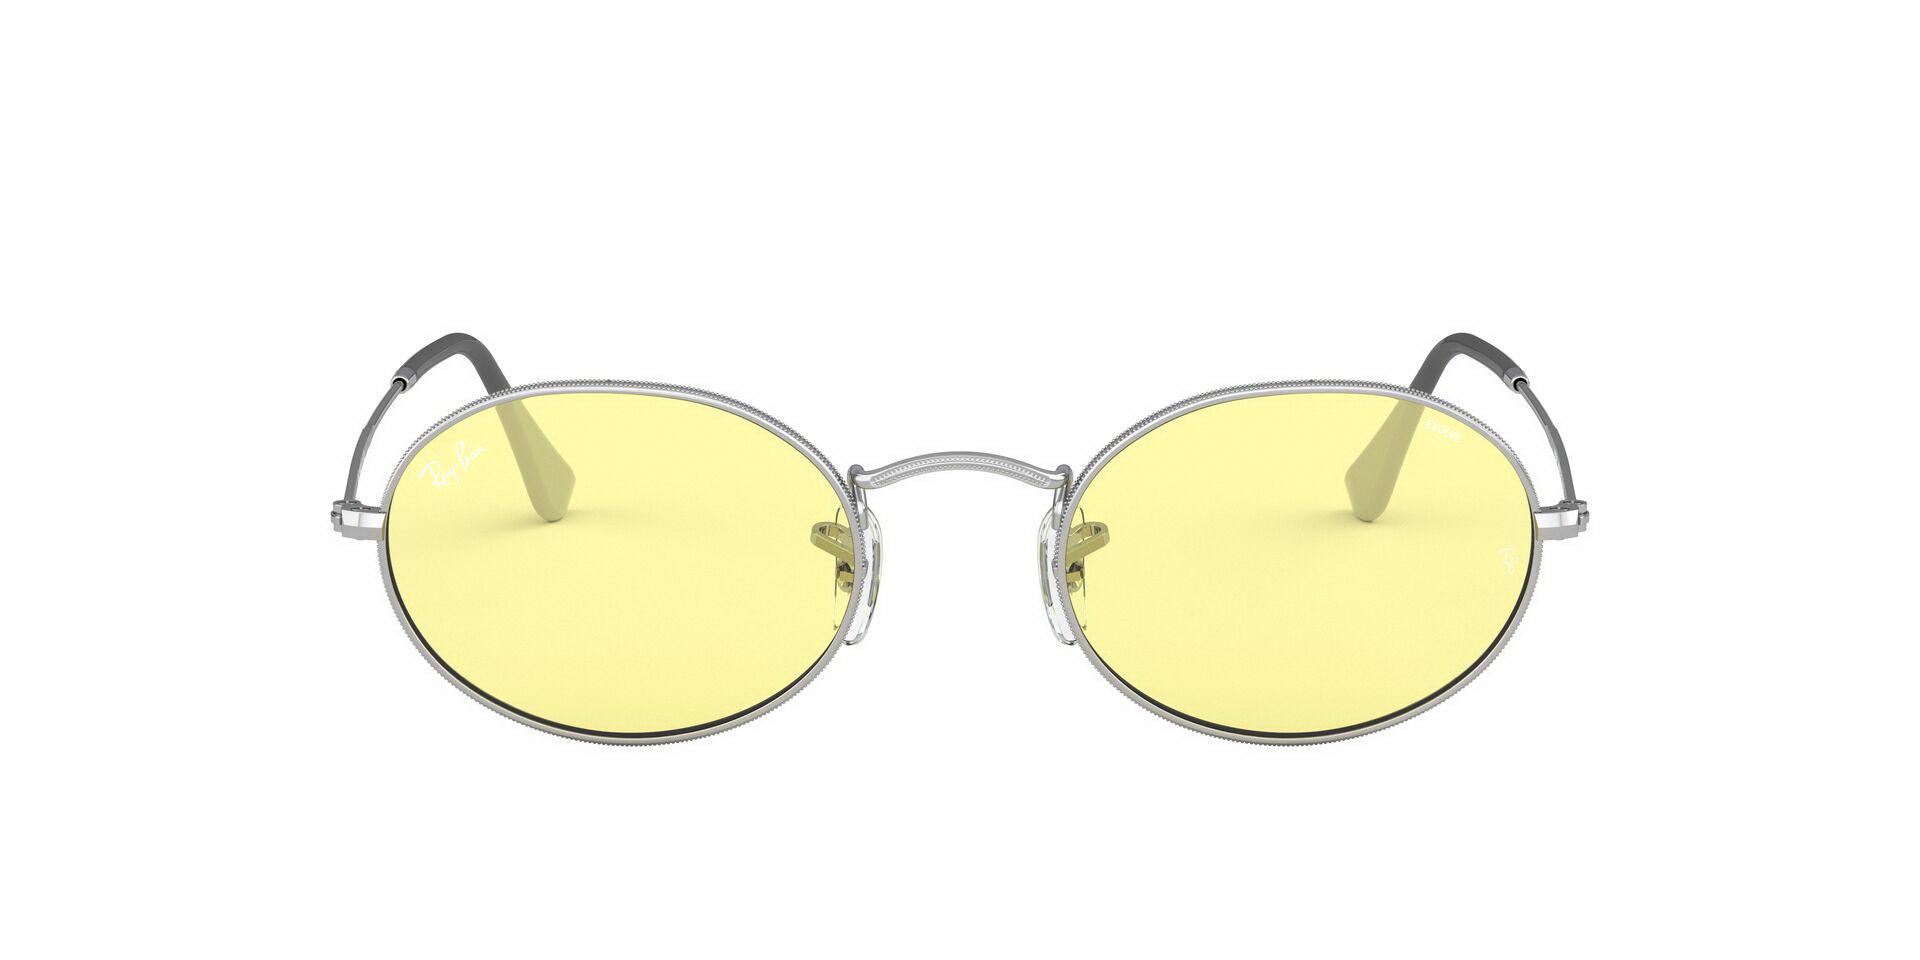 Солнцезащитные очки Очки с/з Ray Ban 0RB3547 003/T4 фото